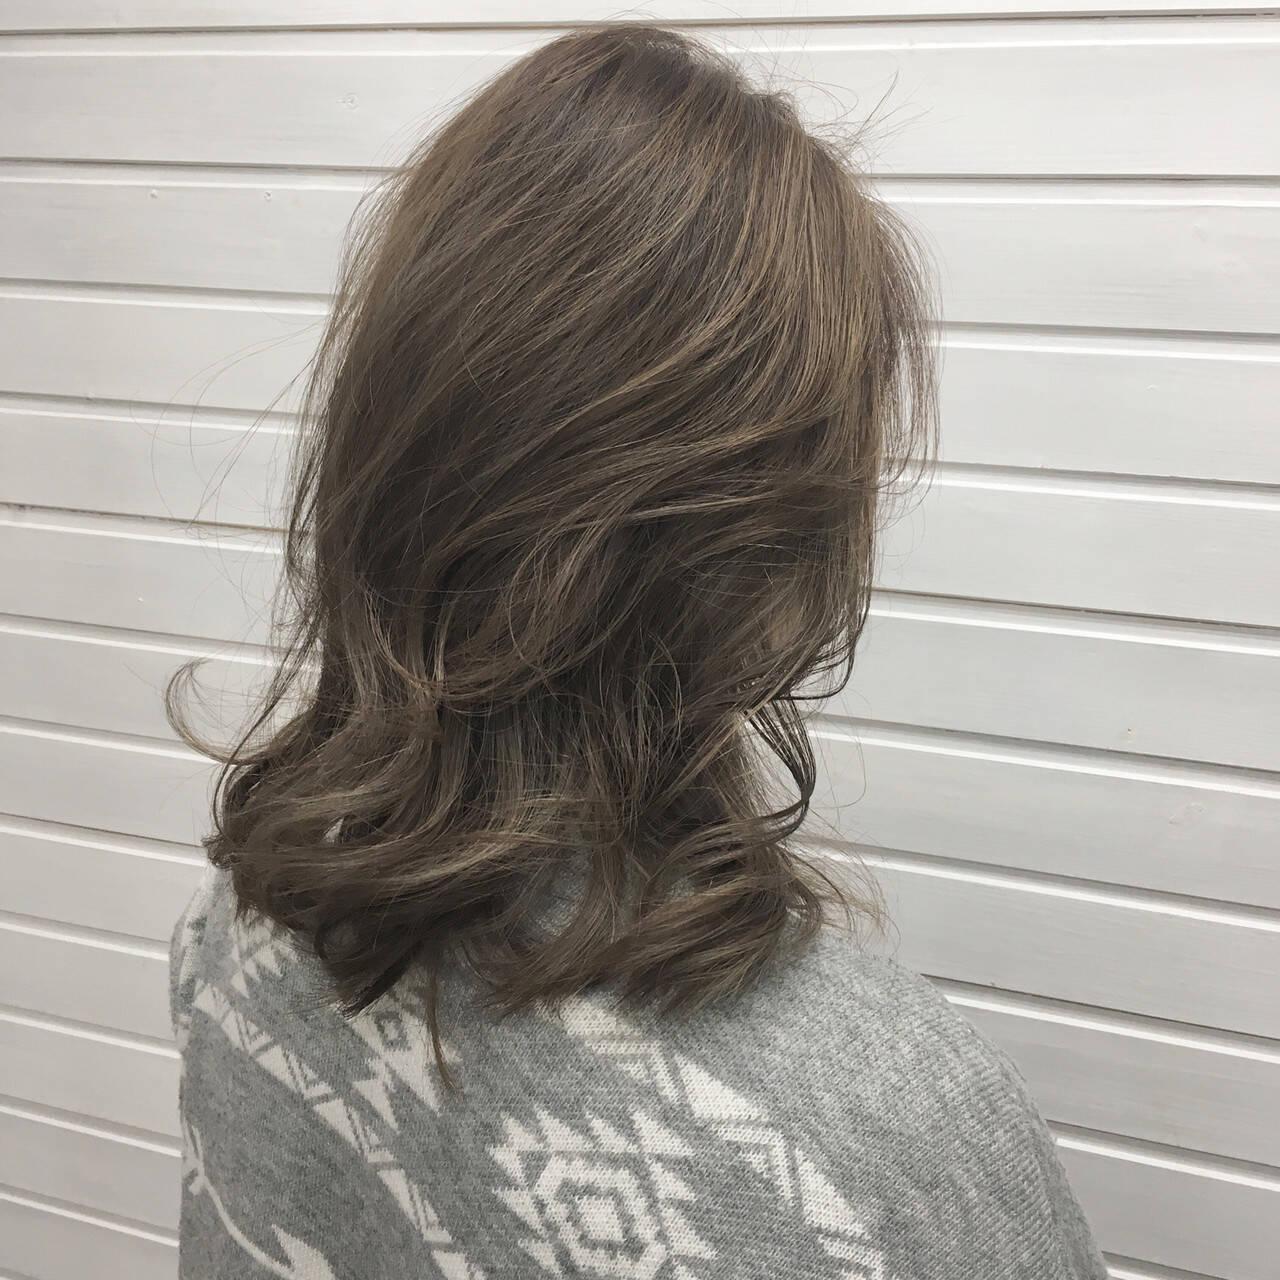 ミディアム グラデーションカラー アッシュグレージュ ミルクティーベージュヘアスタイルや髪型の写真・画像